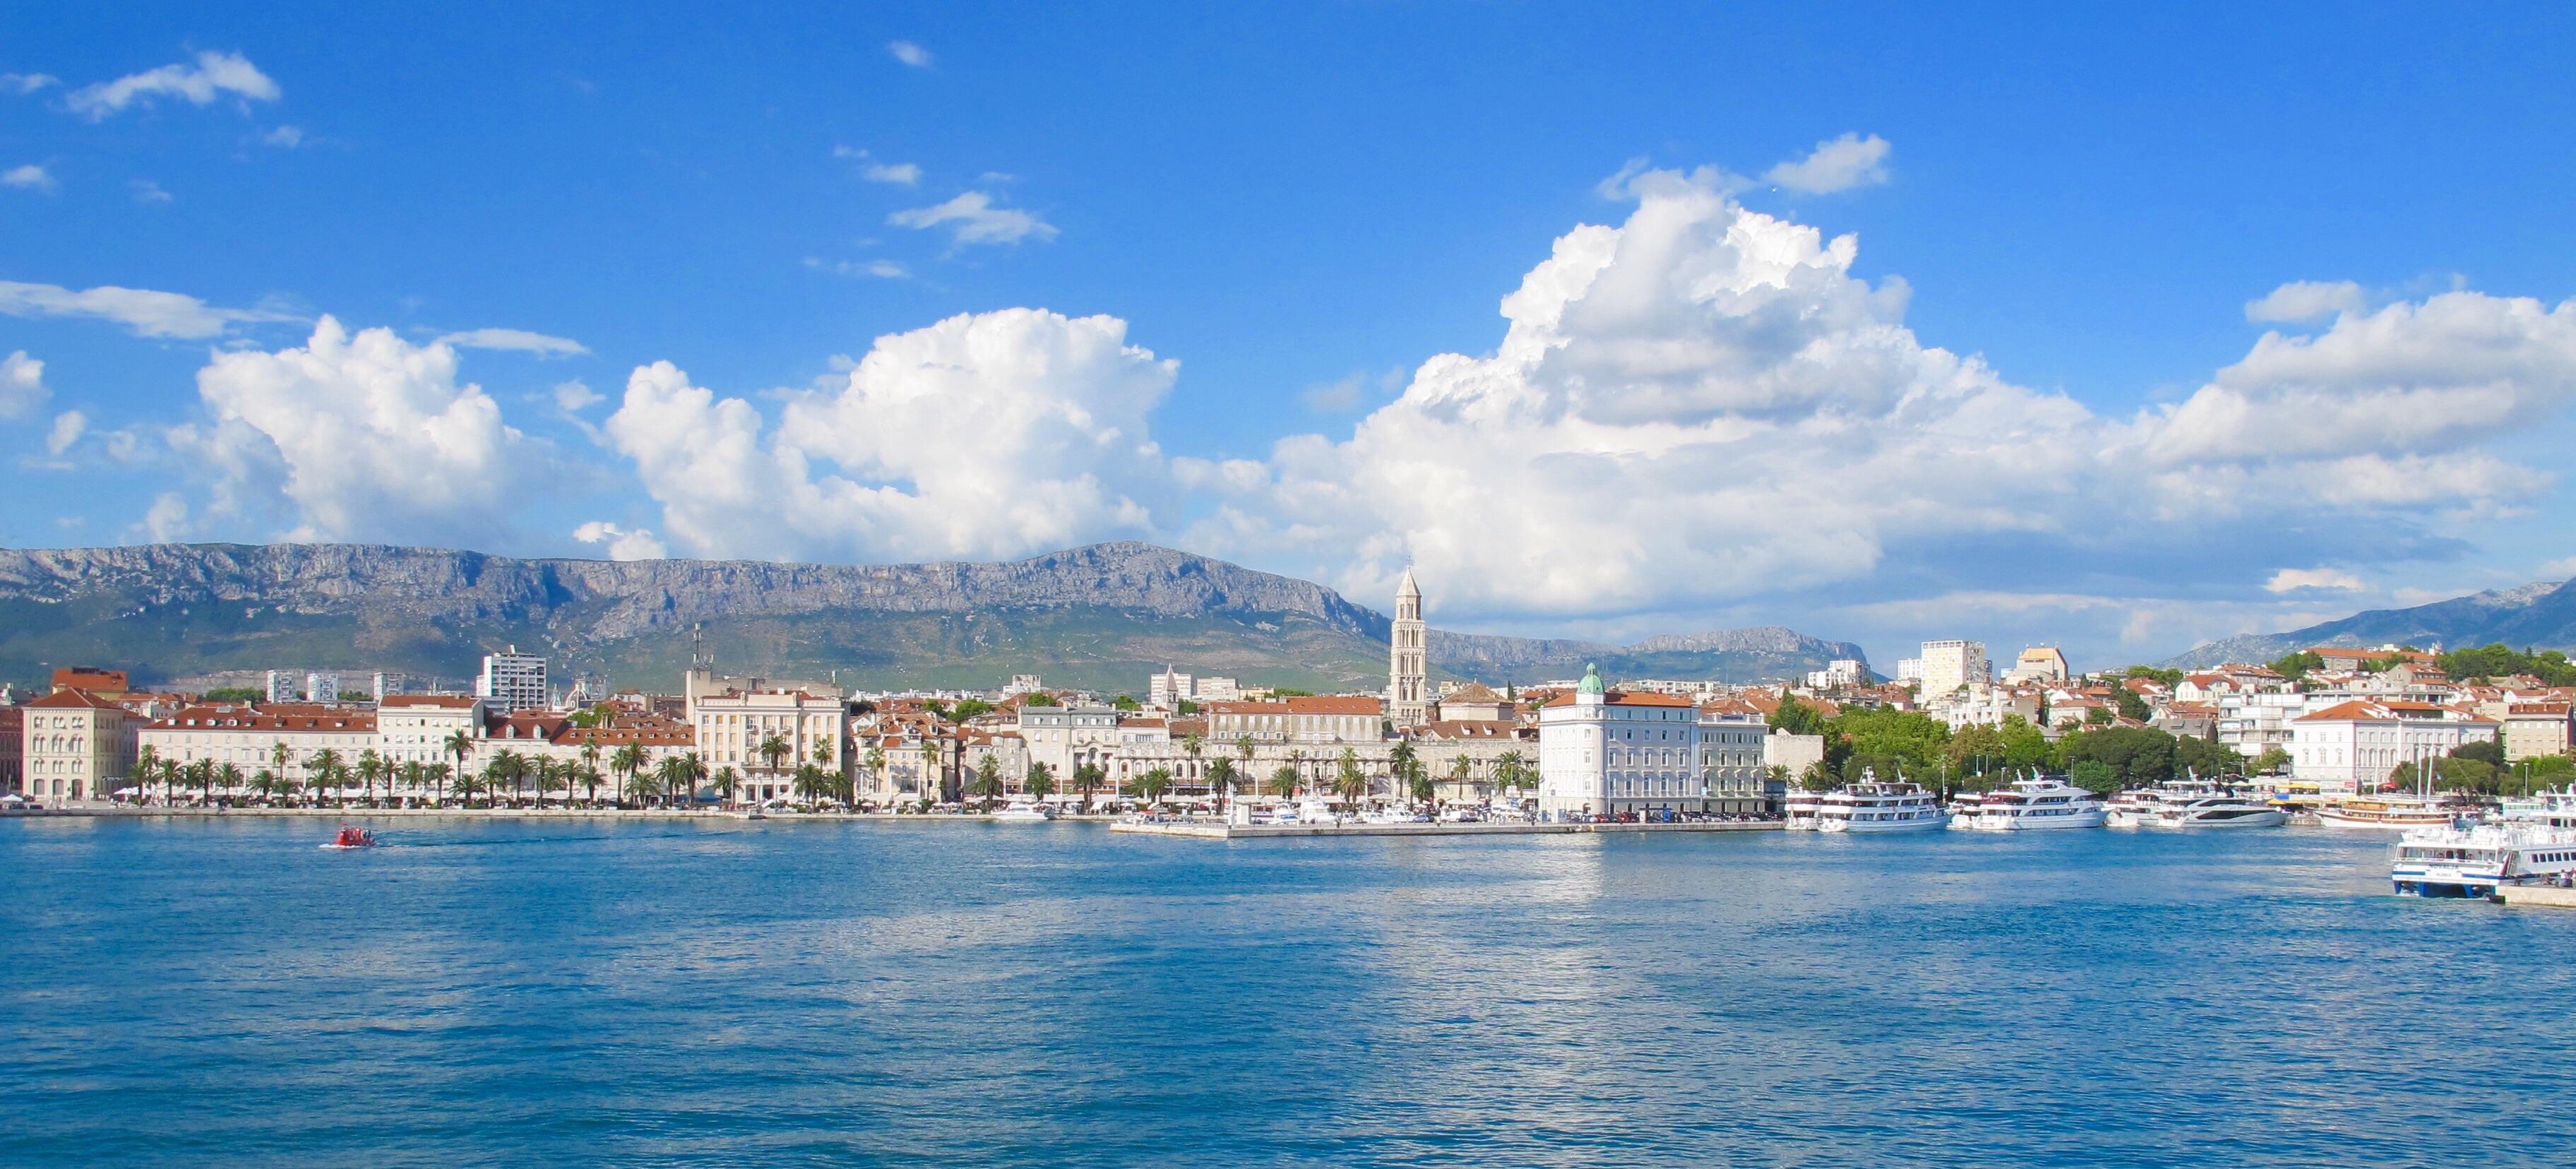 Visão Panorâmica do Porto de Split